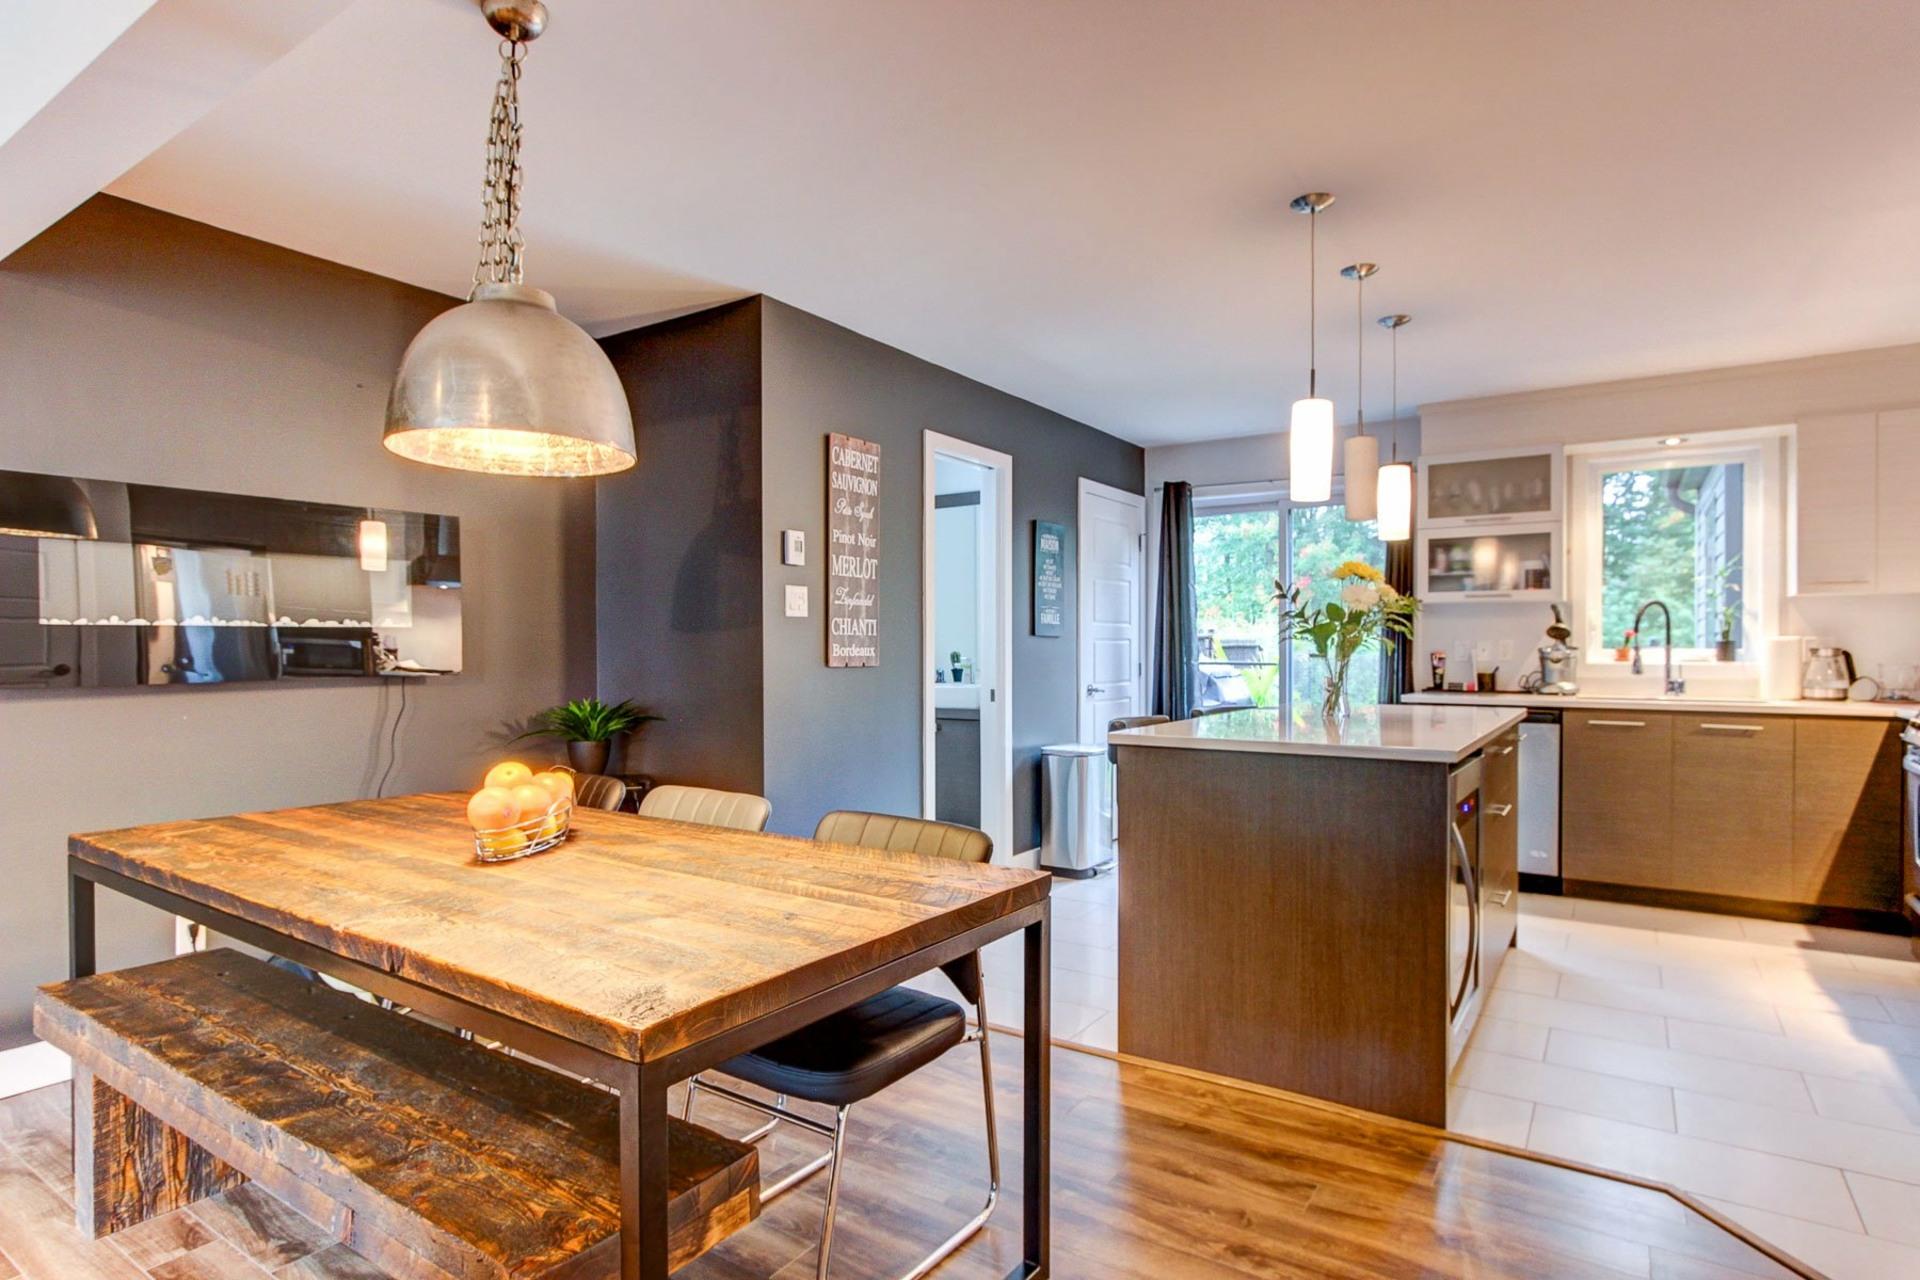 image 7 - Apartment For sale Trois-Rivières - 7 rooms